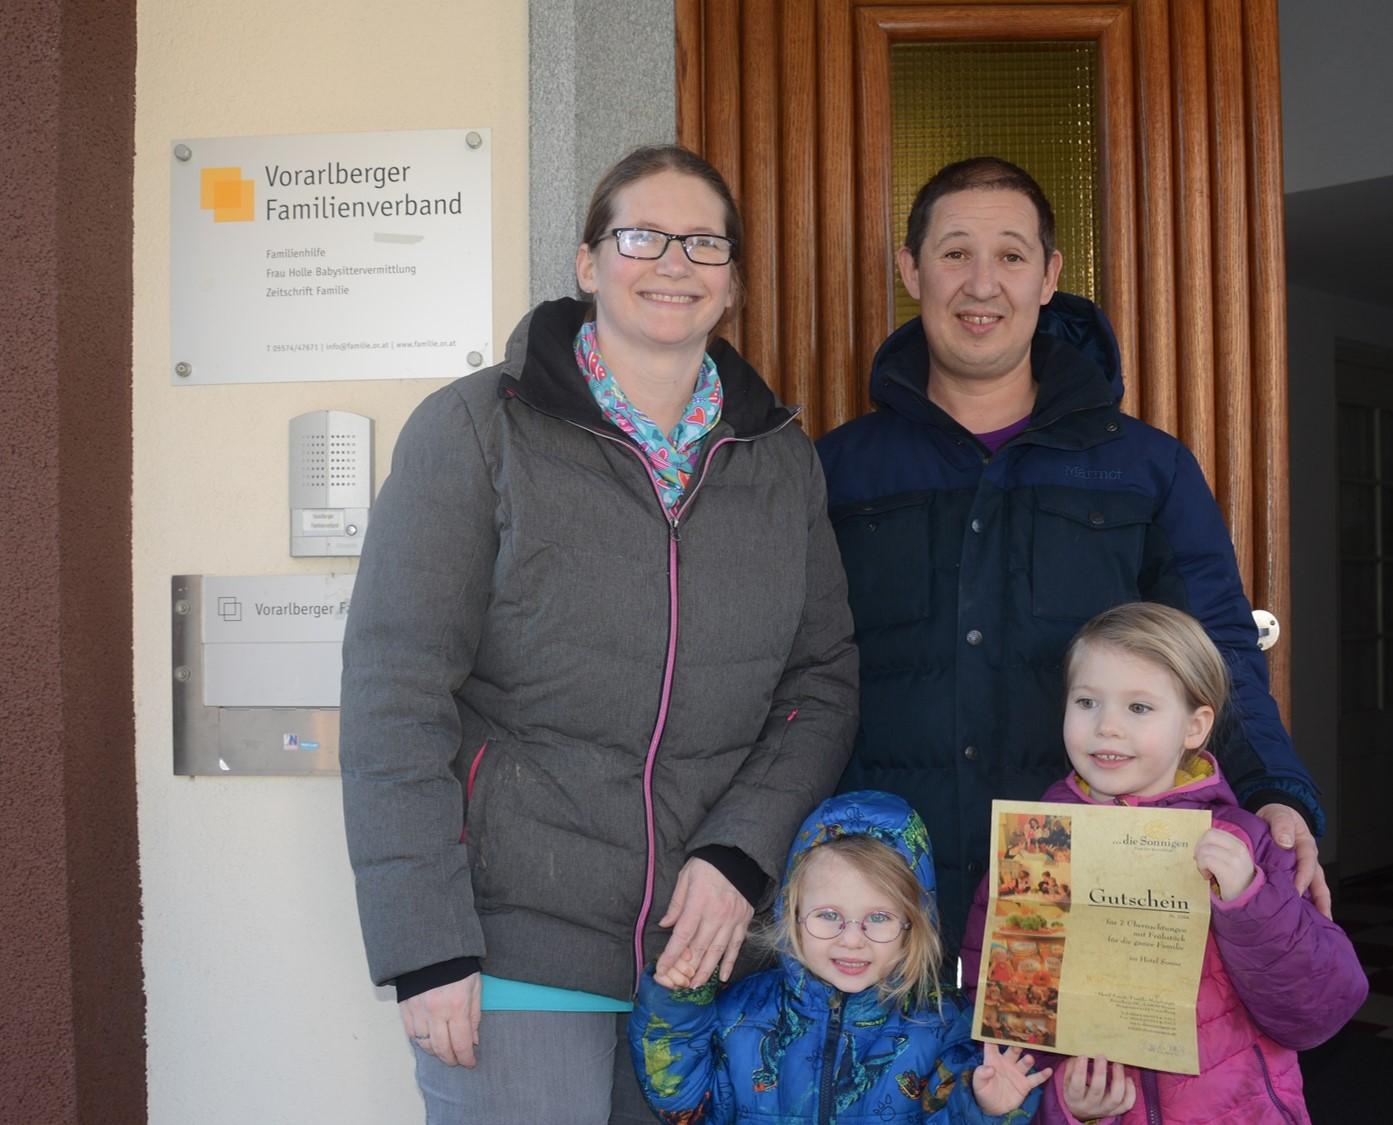 Mitgliedergewinnspiel 2019: Eine Woche im Hotel Sonne in Bezau!